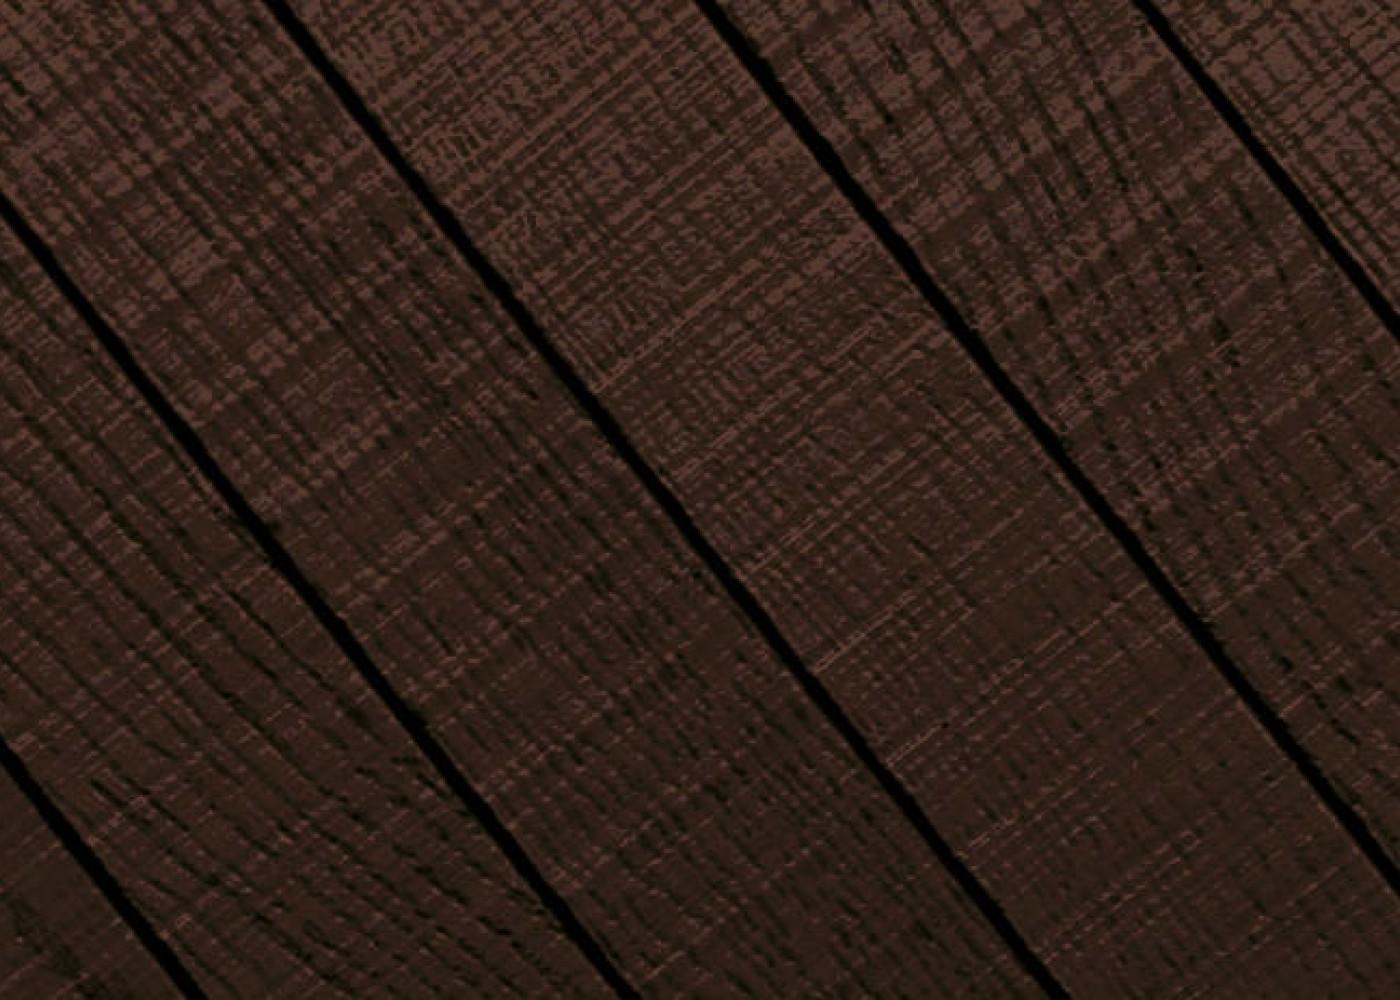 Parquet Contrecollé Chêne G2 Prbis Contemporain Brossé - Retina Large - Fsc Chocolat